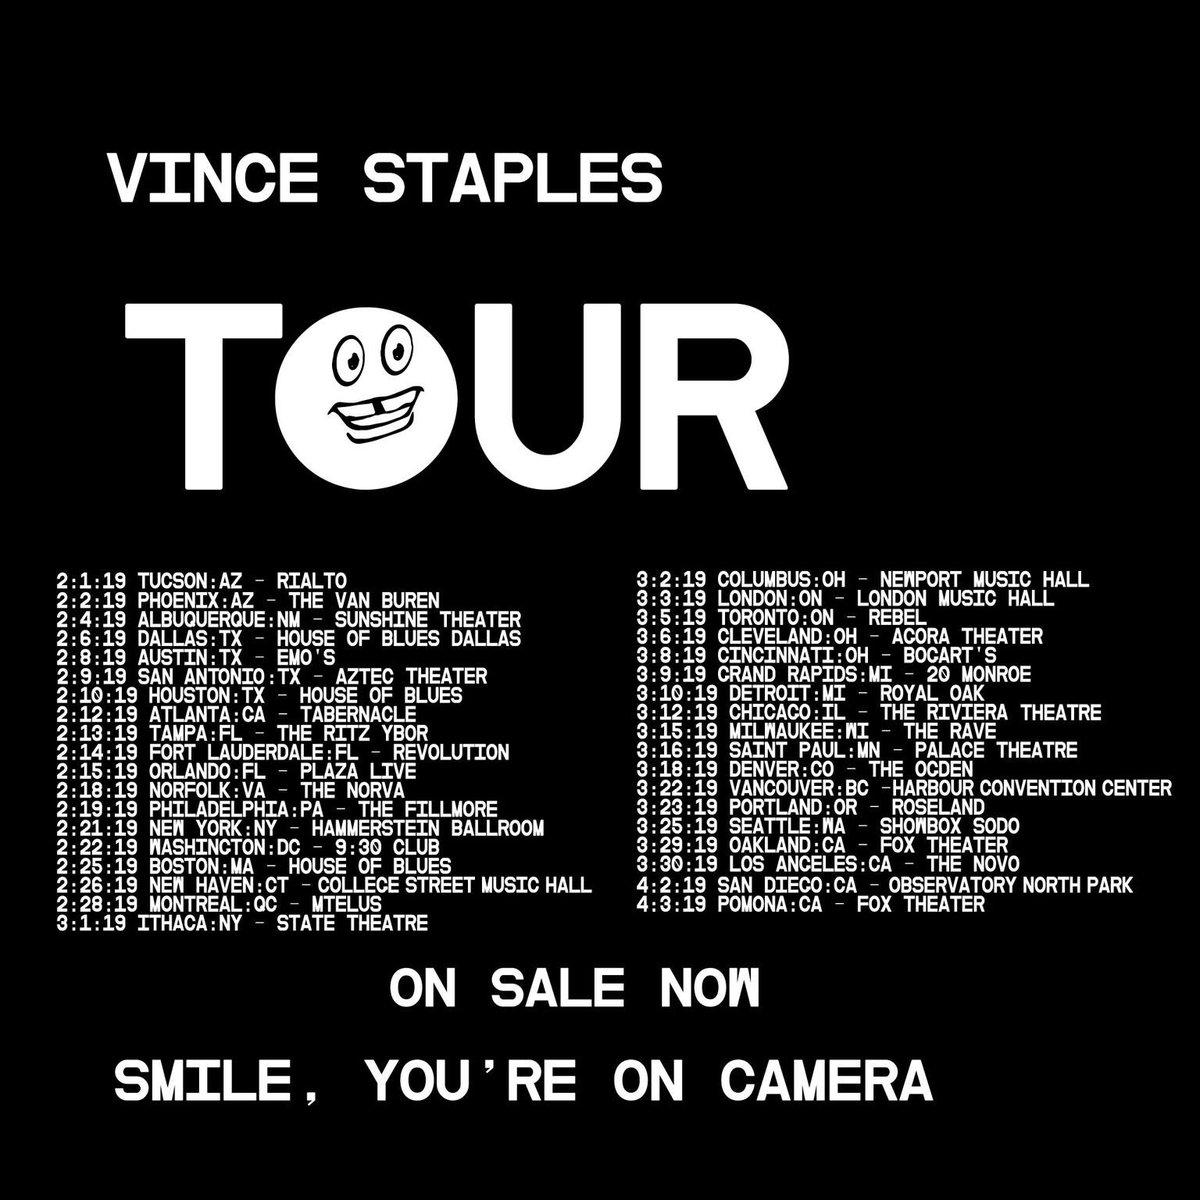 TICKETS ON SALE CITCH VINCESTAPLES.COM/TOUR